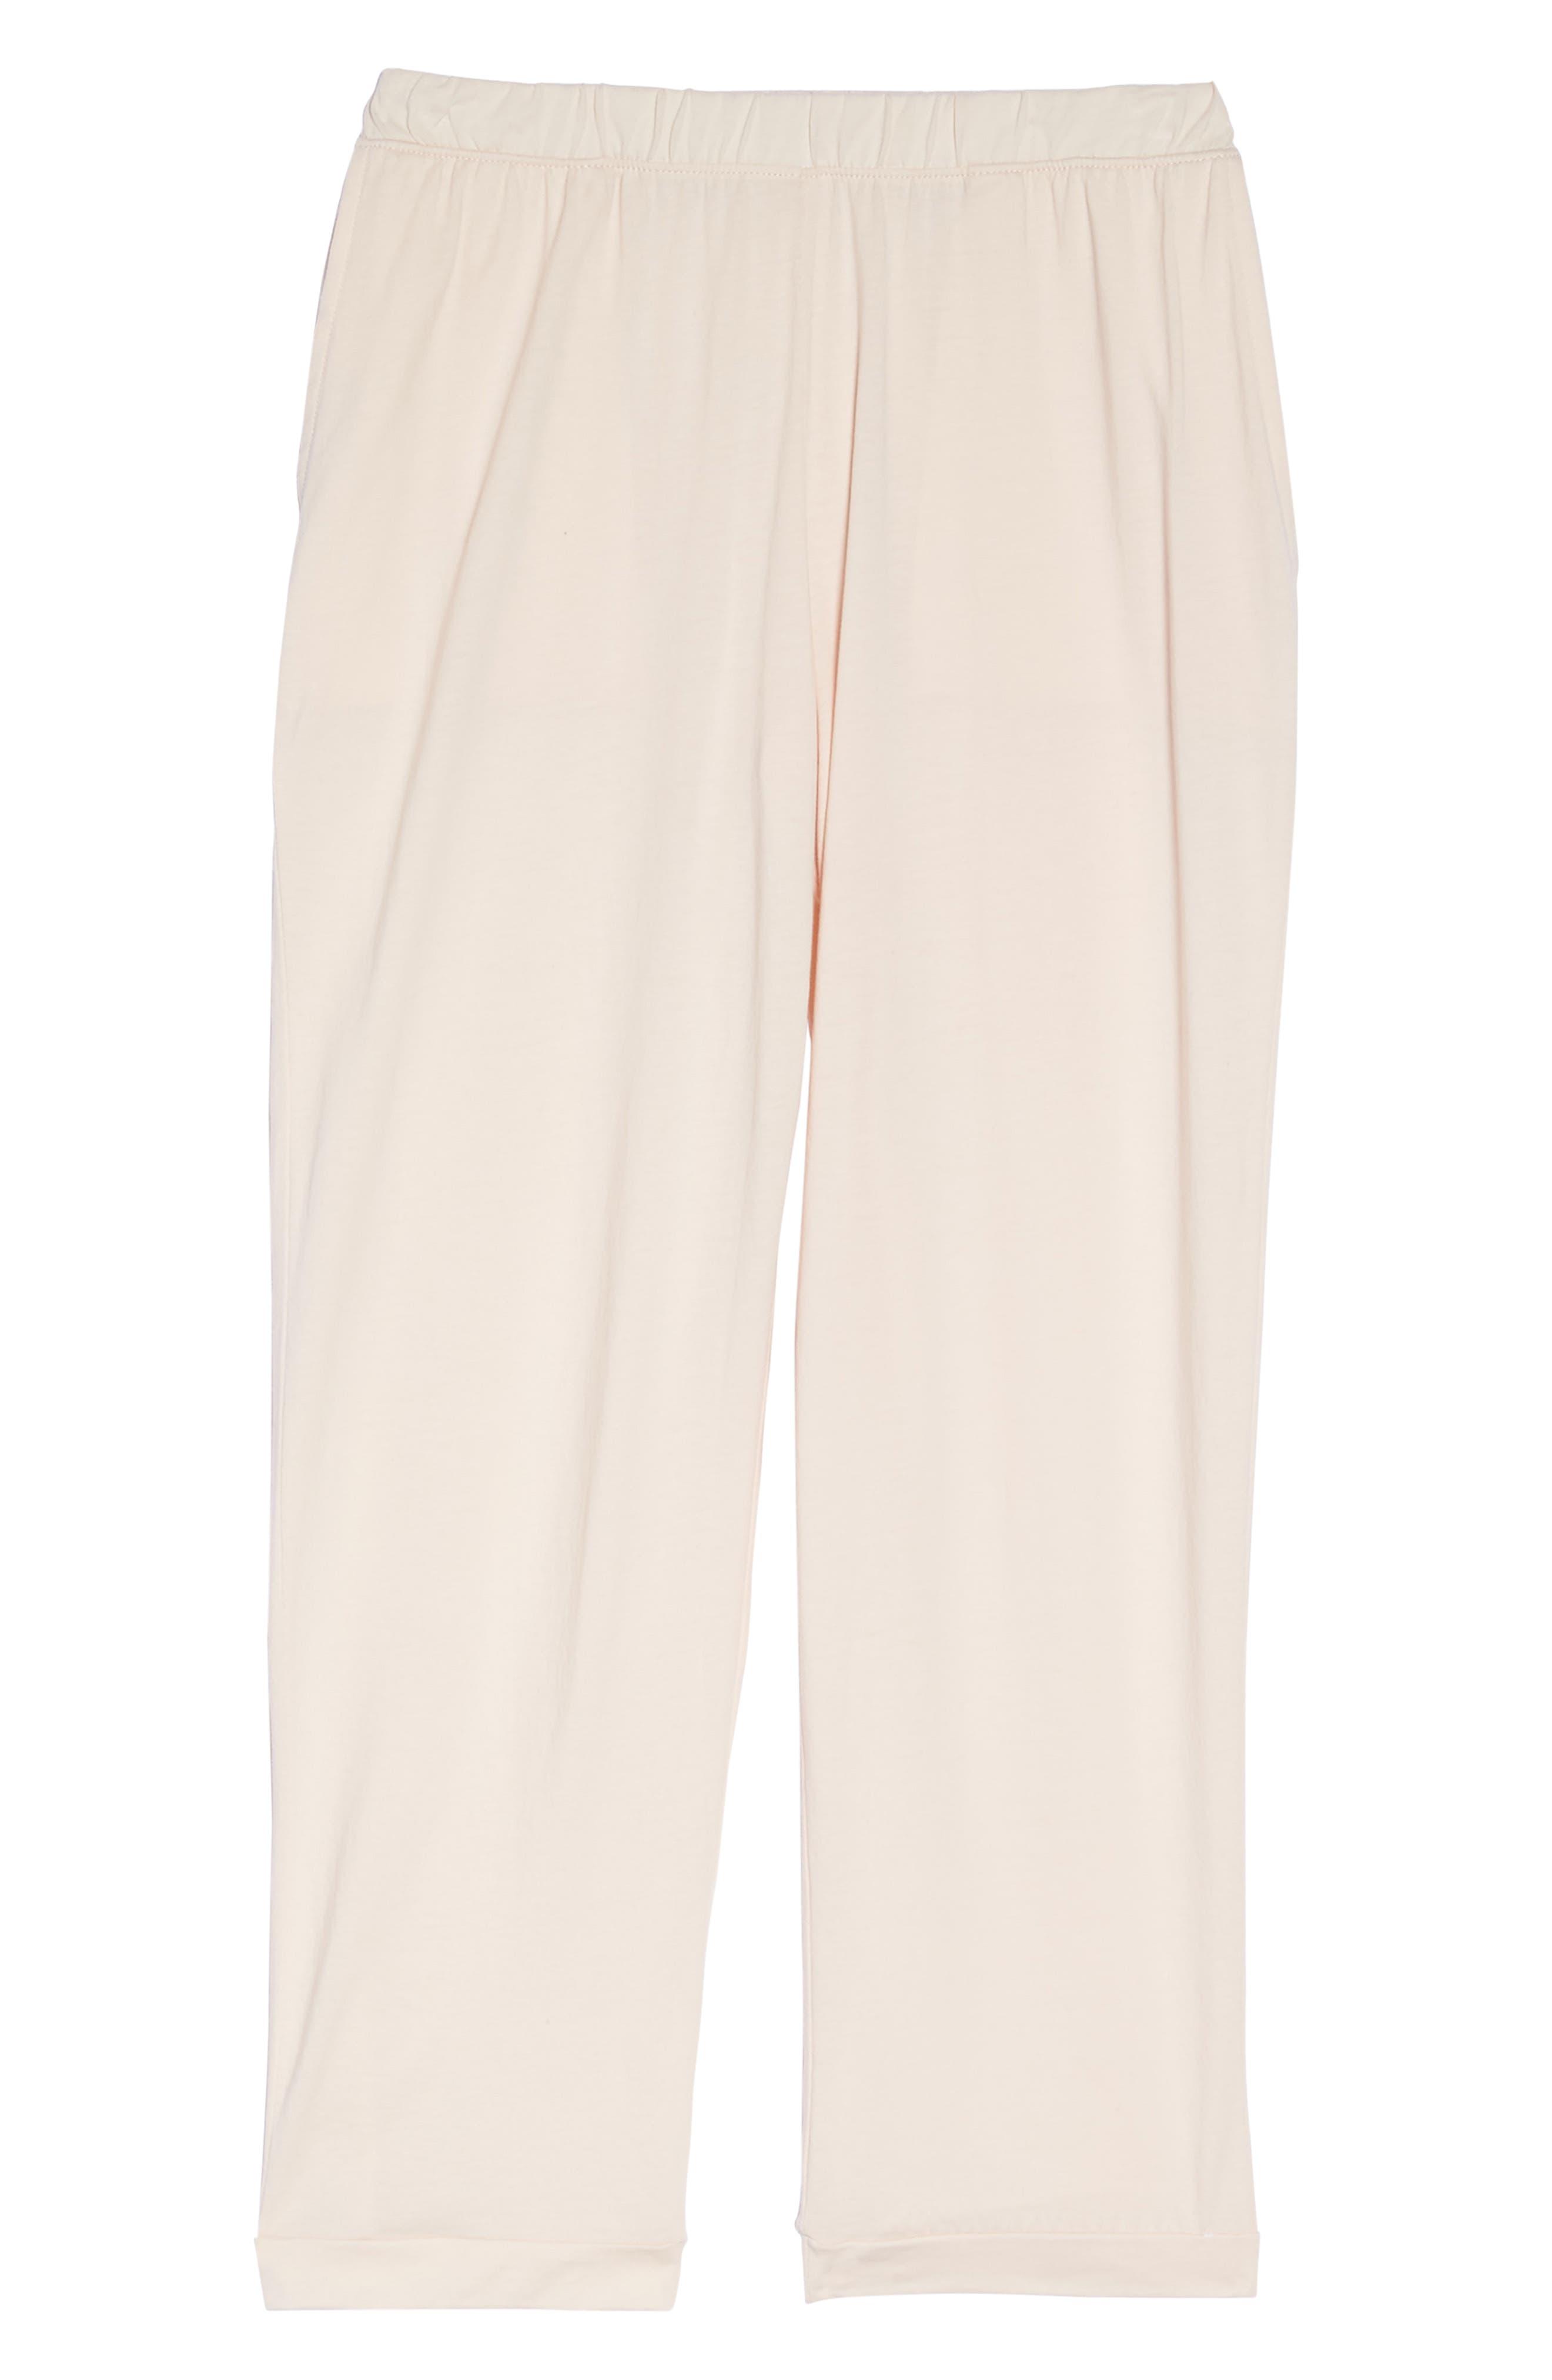 Parisa Crop Pima Cotton Lounge Pants,                             Alternate thumbnail 6, color,                             689